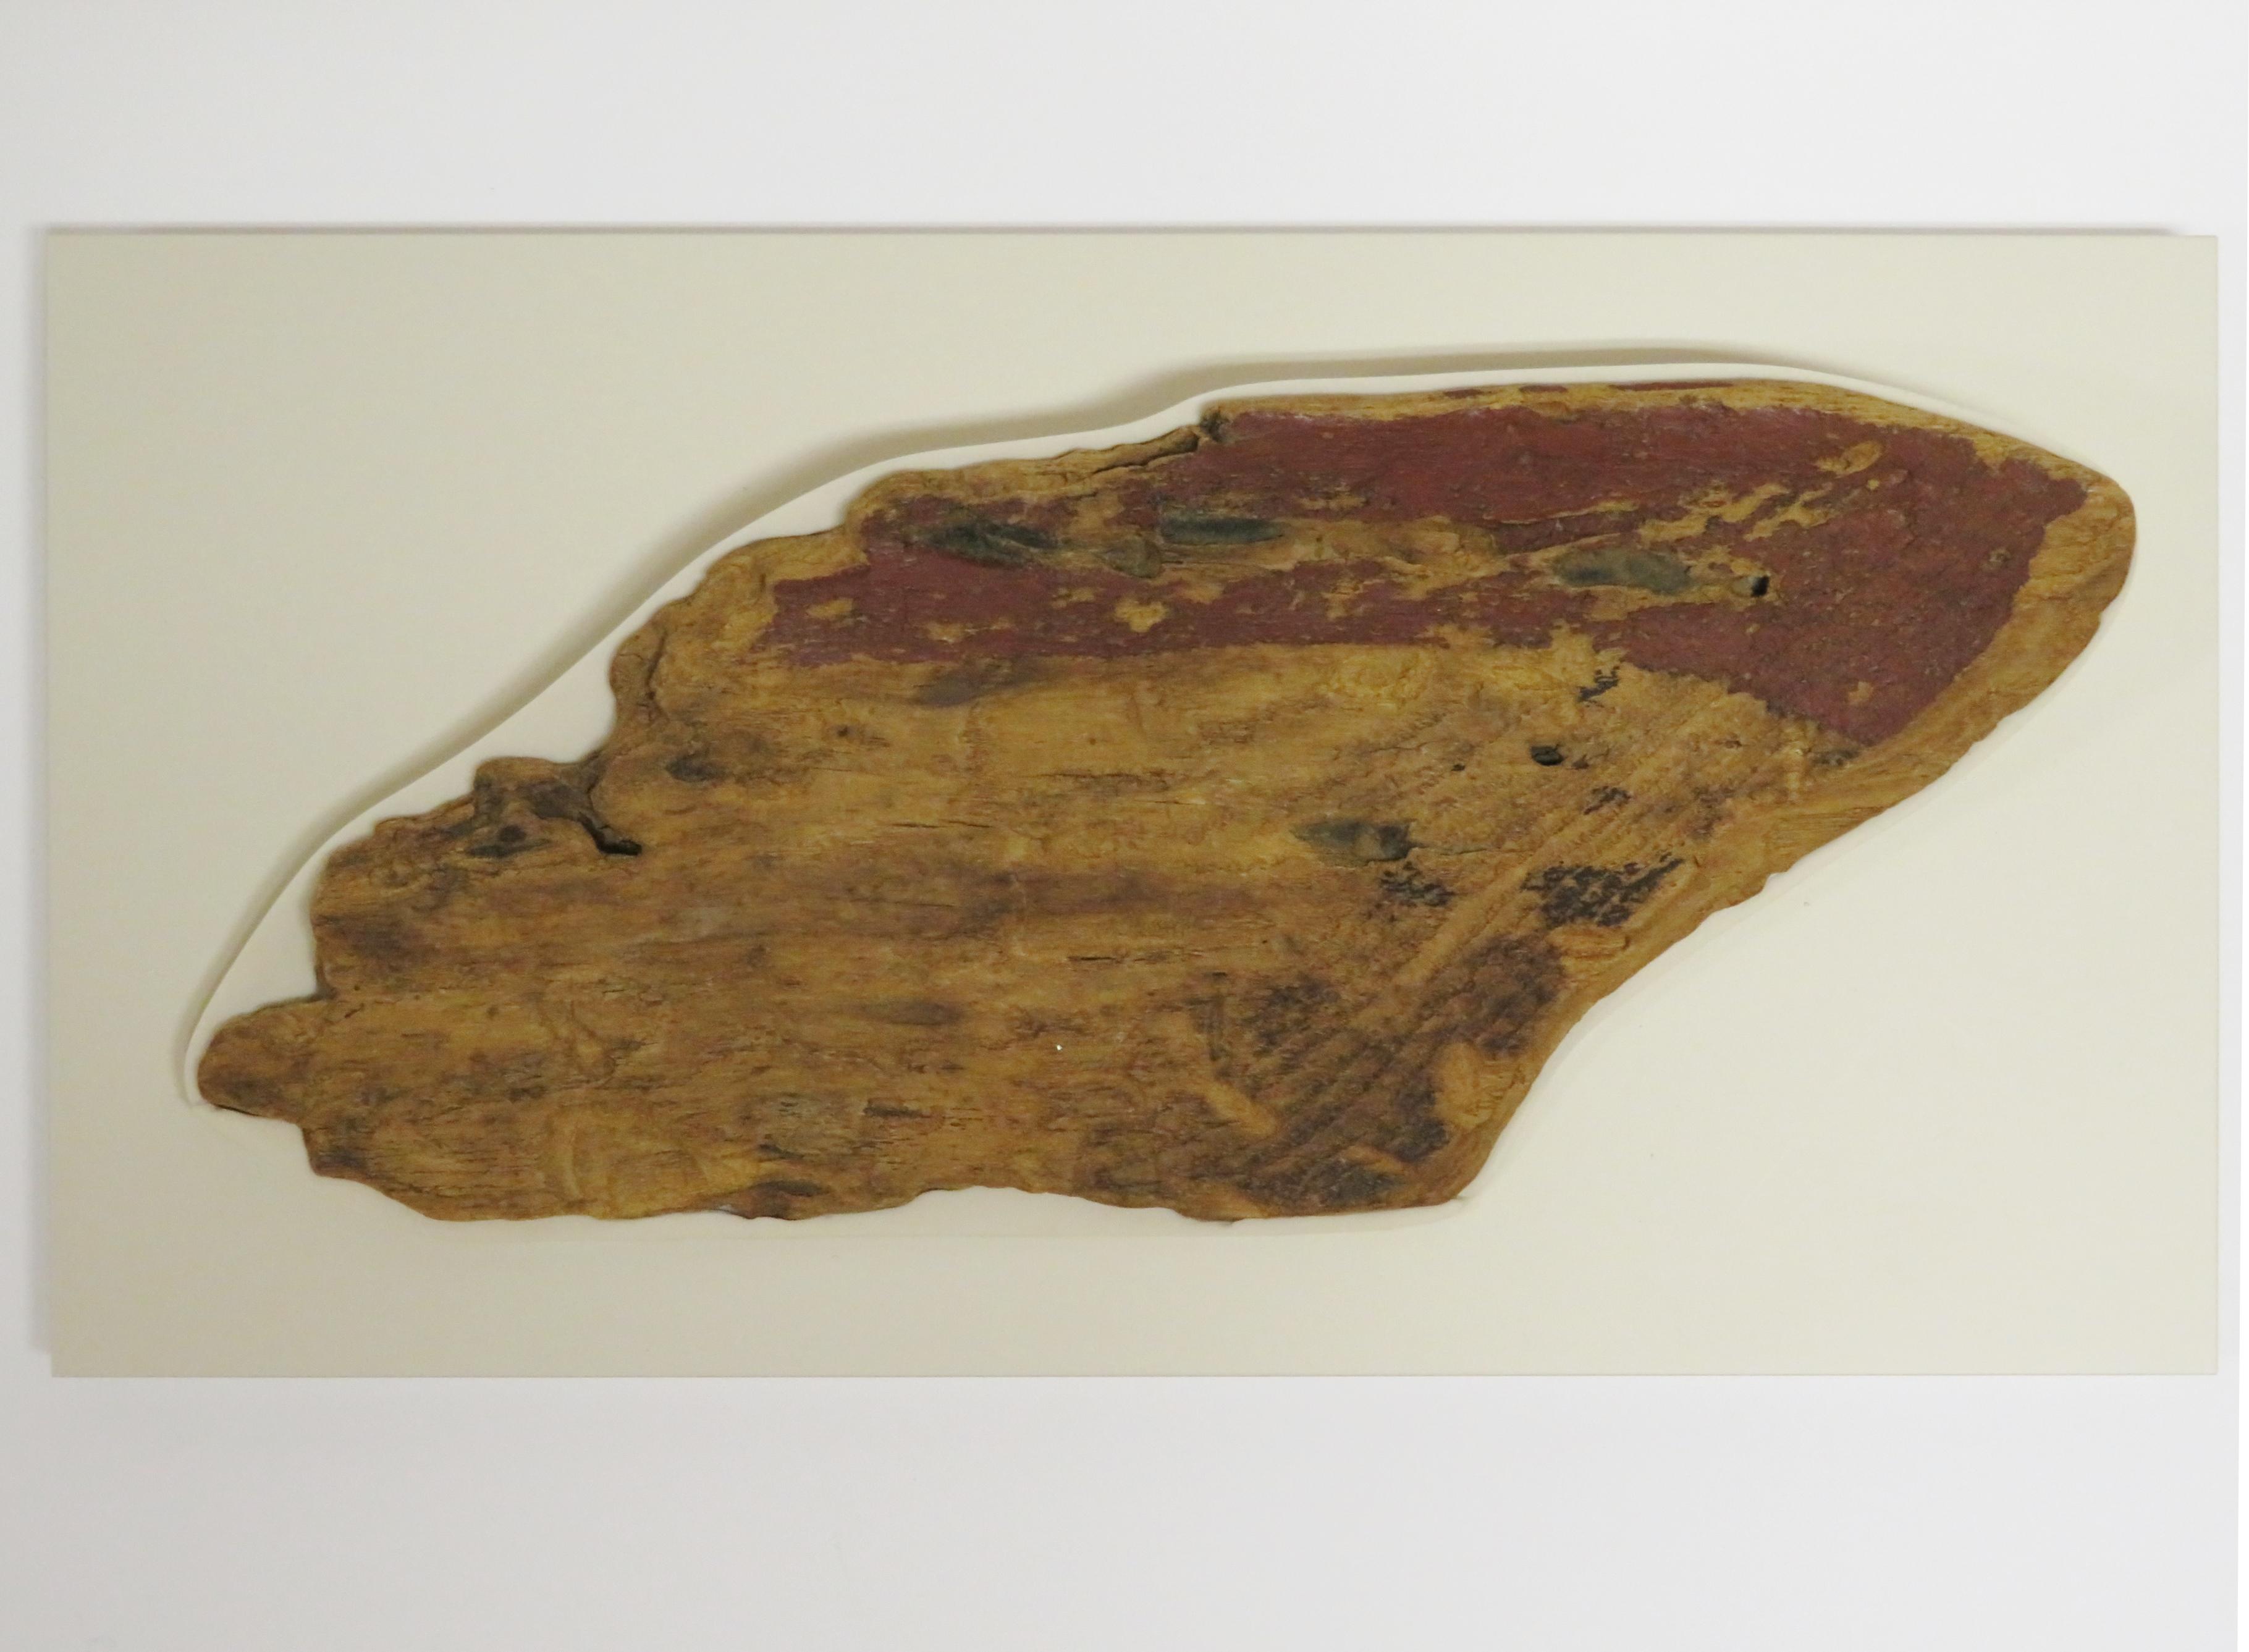 【重要文化財】漆塗りの木のうつわ(鳥浜貝塚、当館所蔵)